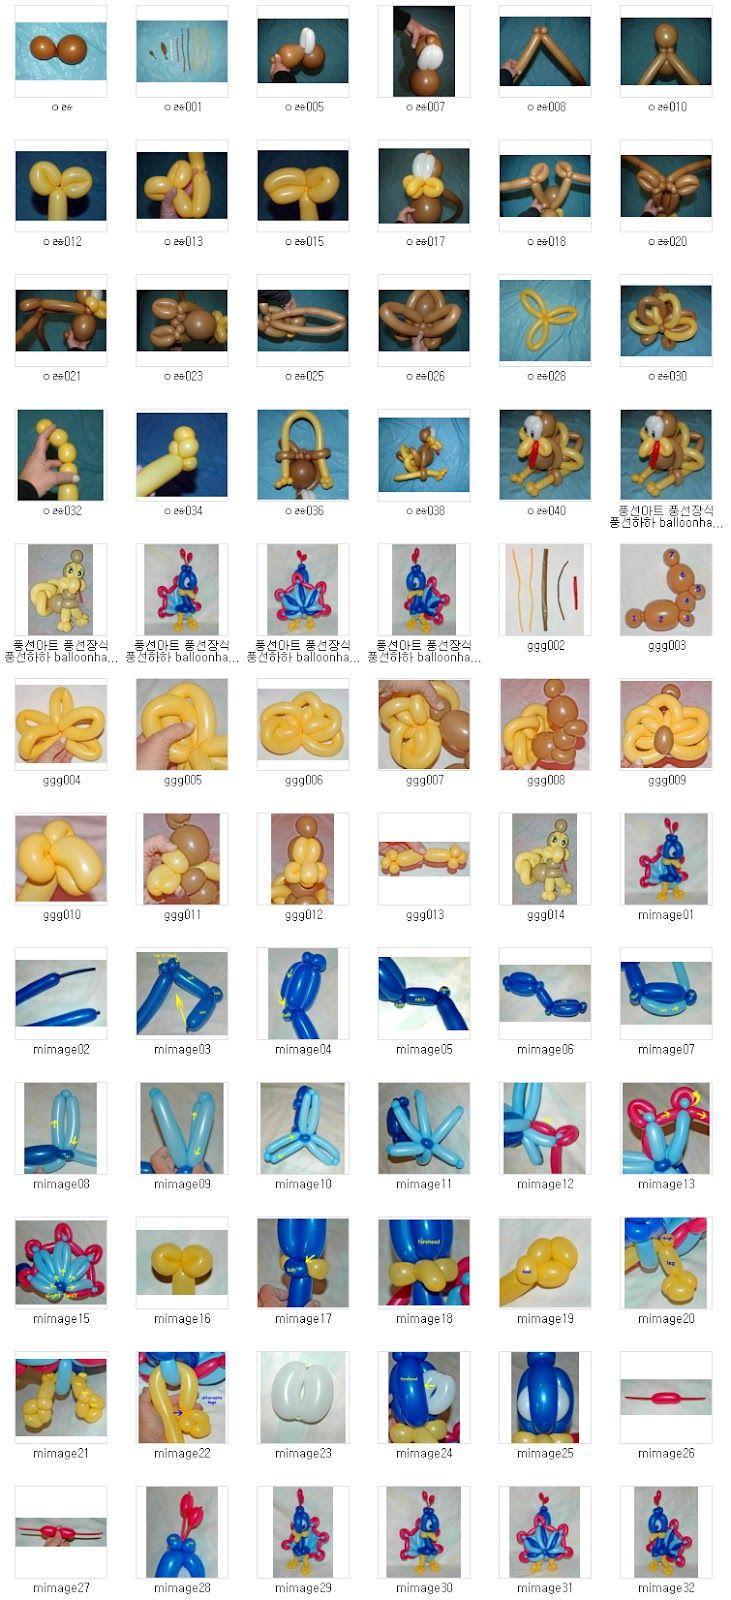 풍선하하 balloonhaha ㅡ 원본 사진 ㅡ 큰 사진은 이메일로 보내드립니다 ㅡ : 교육용 049 공작